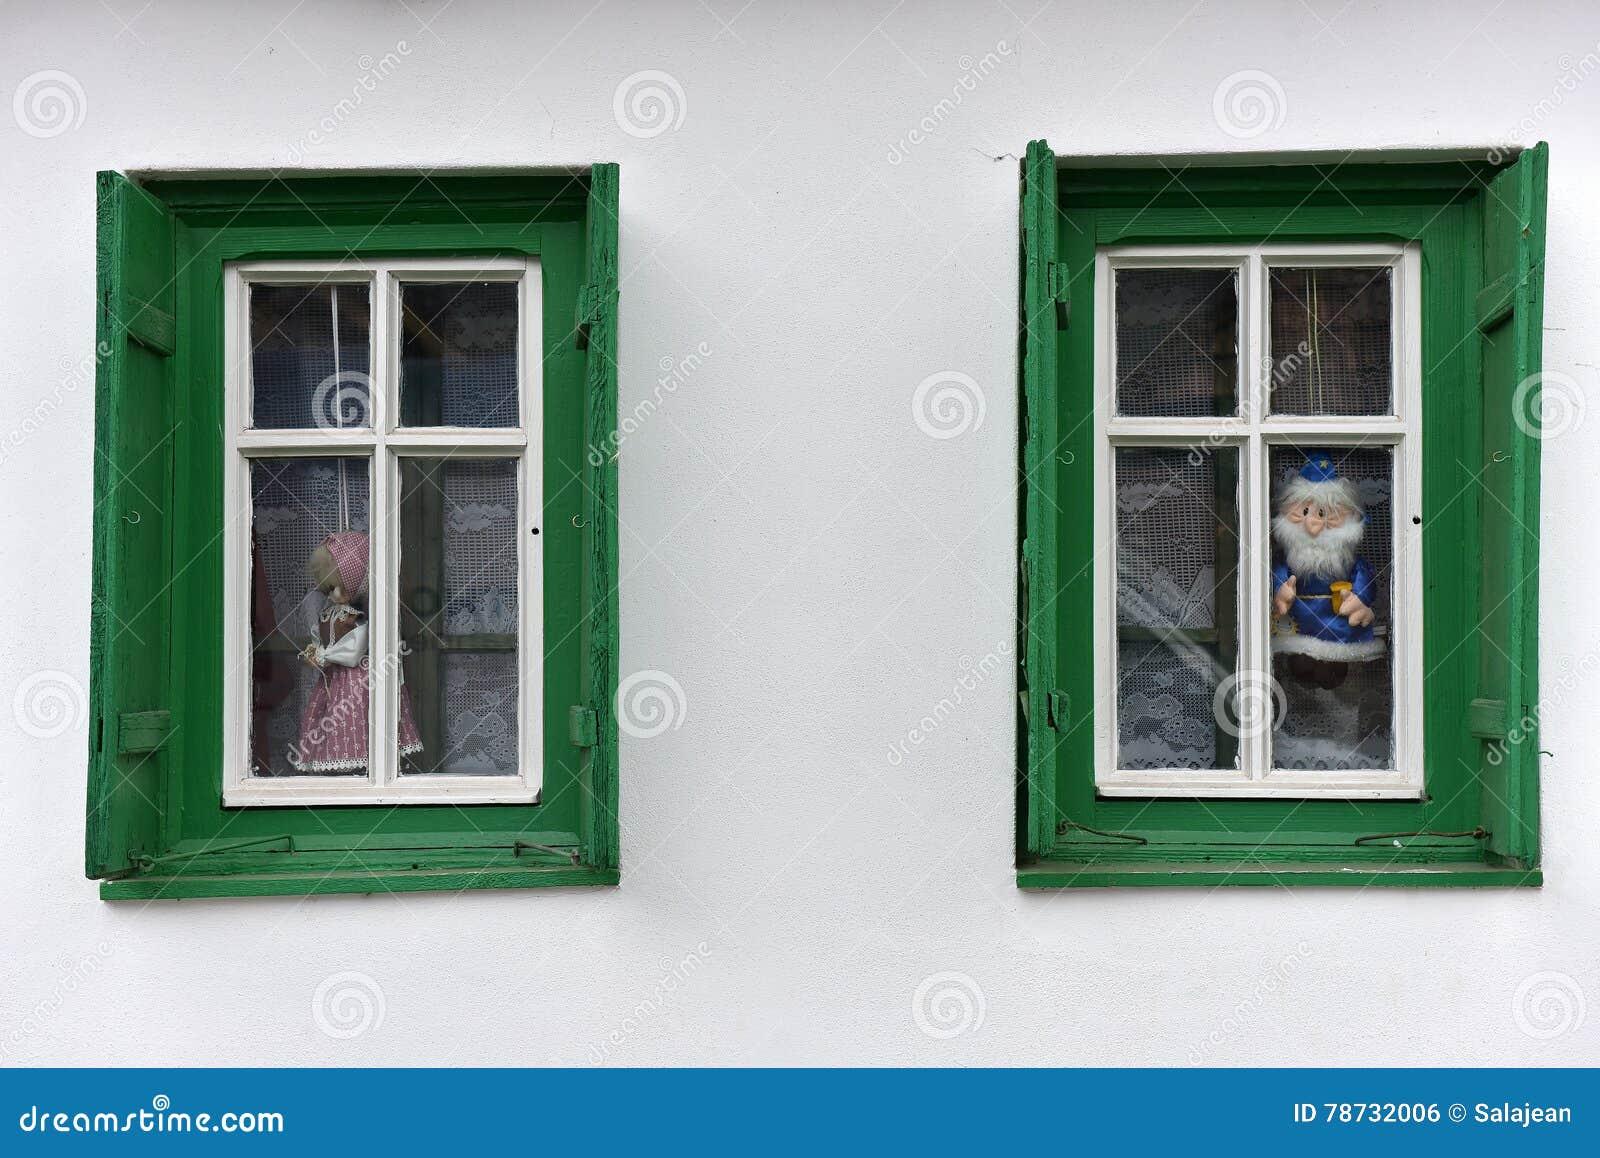 Dockor i fönstret i ett byhus